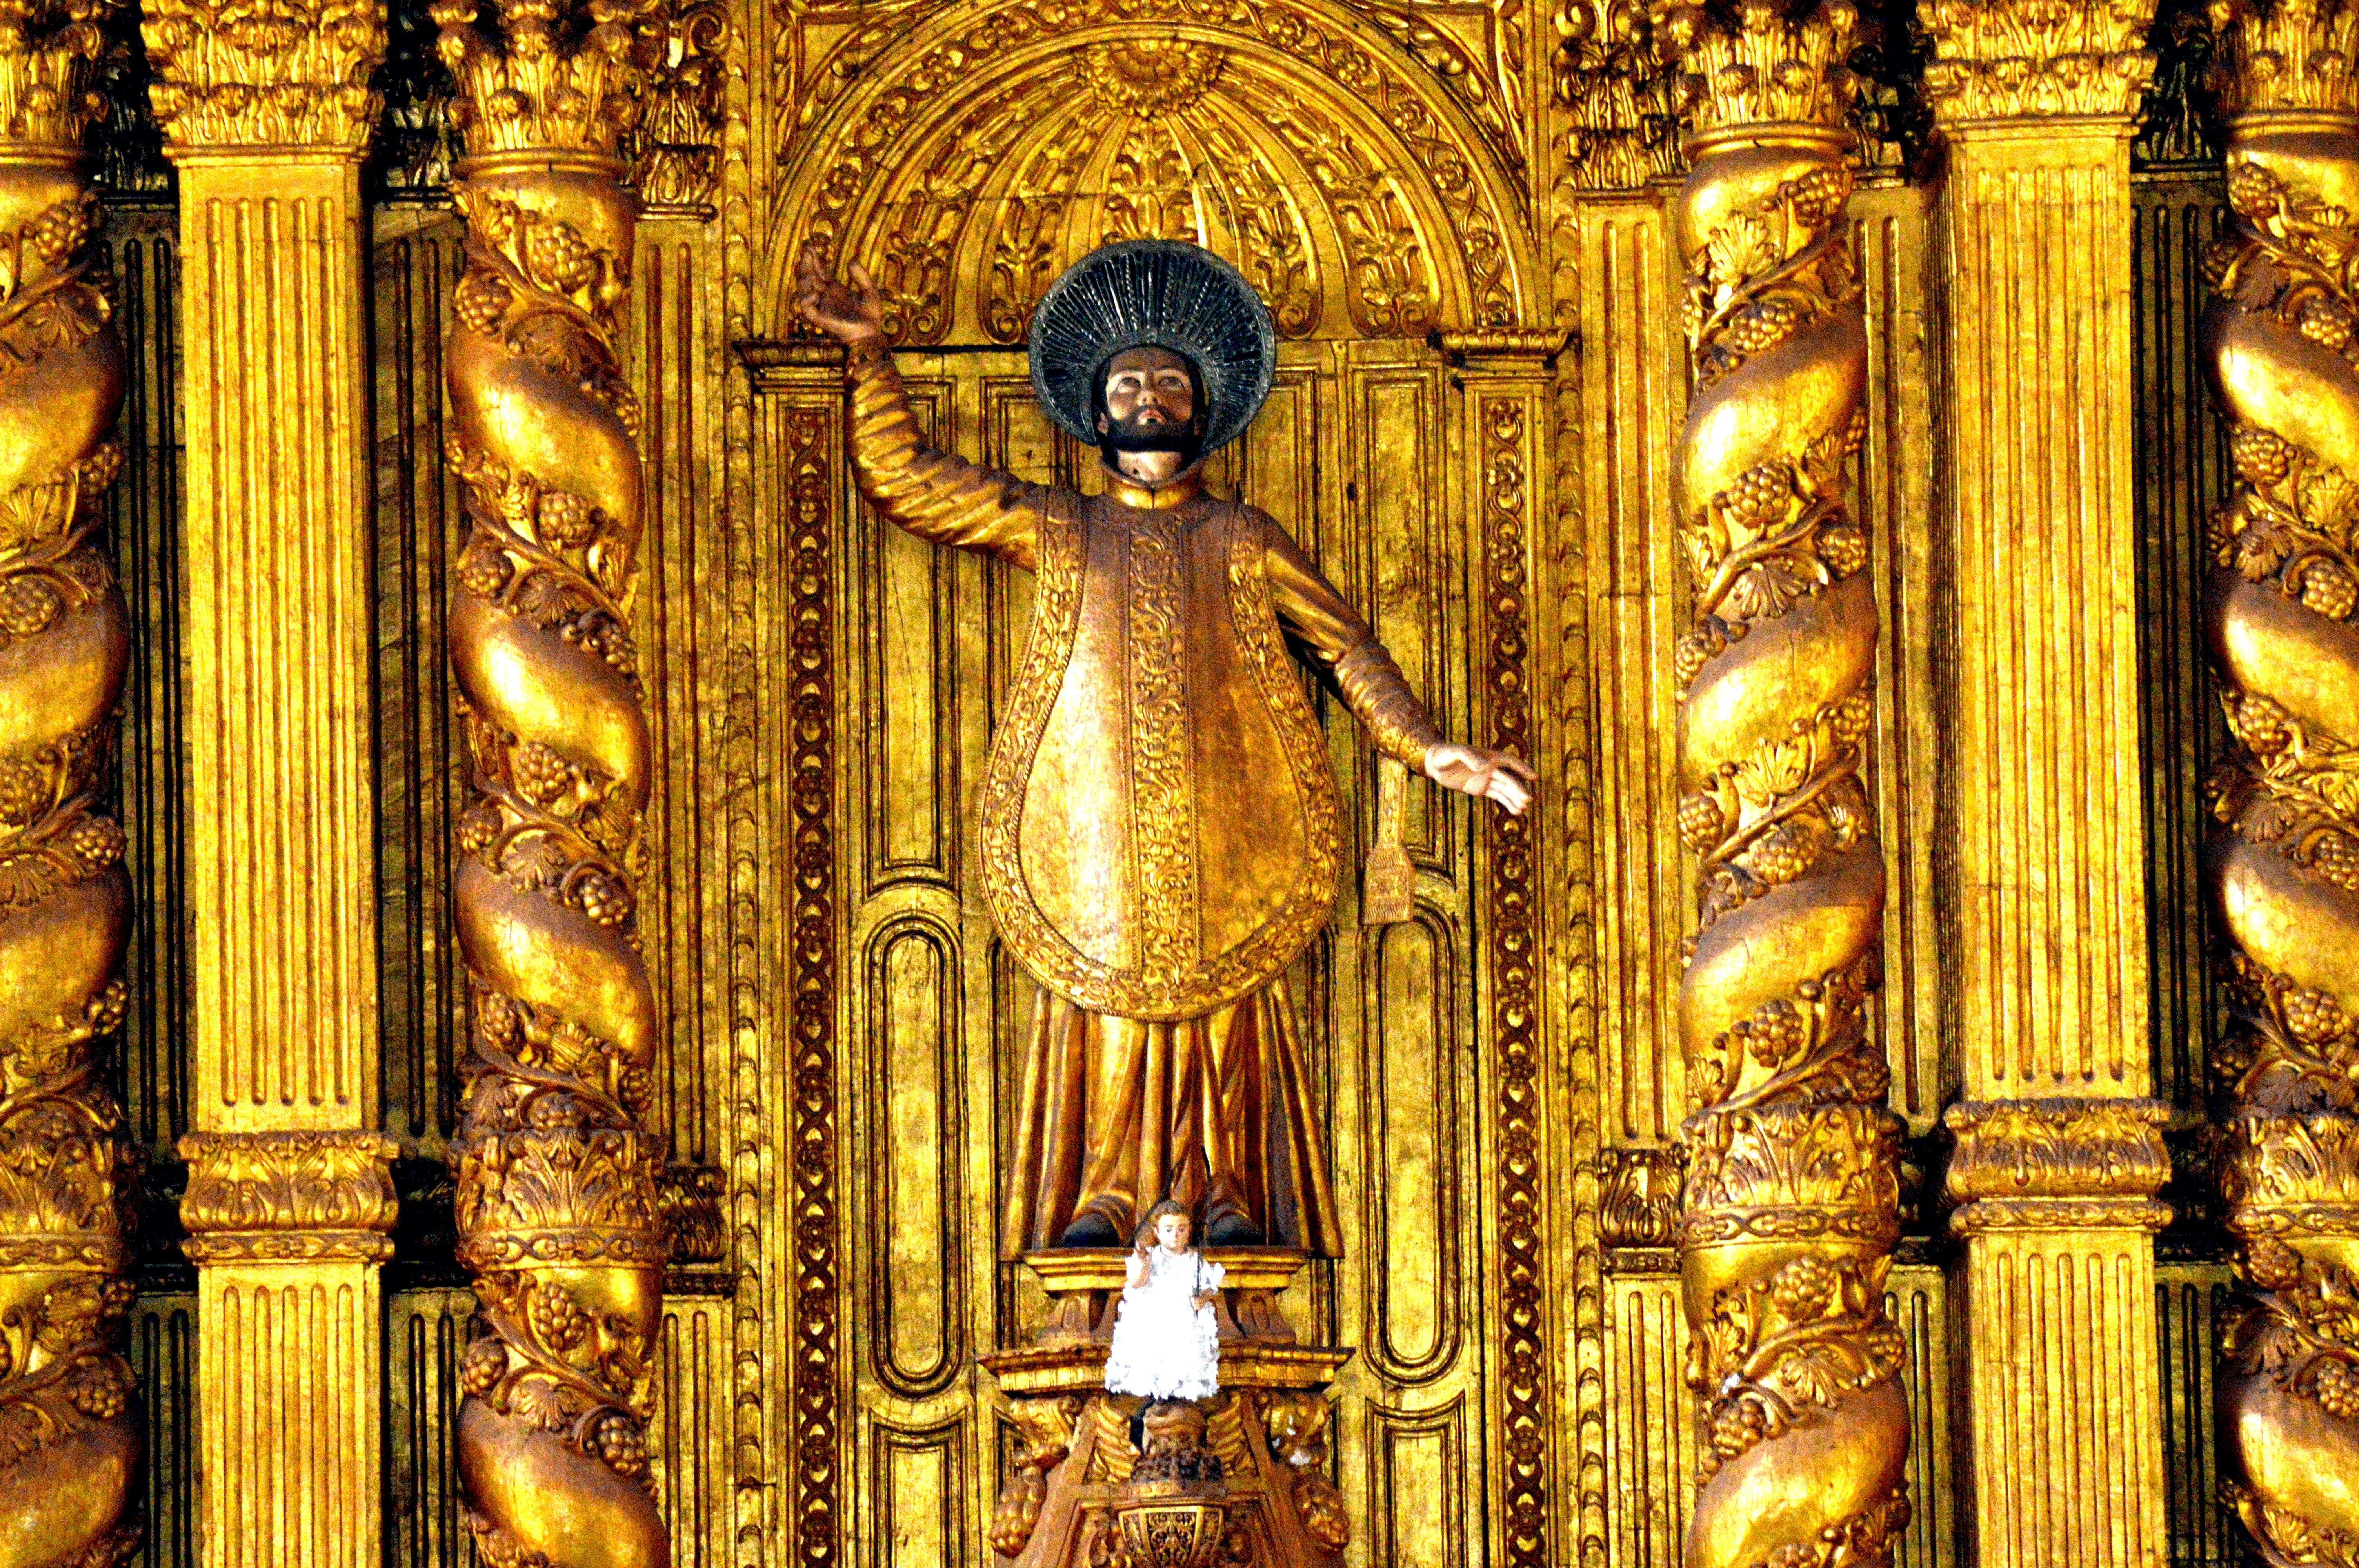 Δωρεάν στοκ φωτογραφιών με εκκλησία, Ιησούς, προσευχή